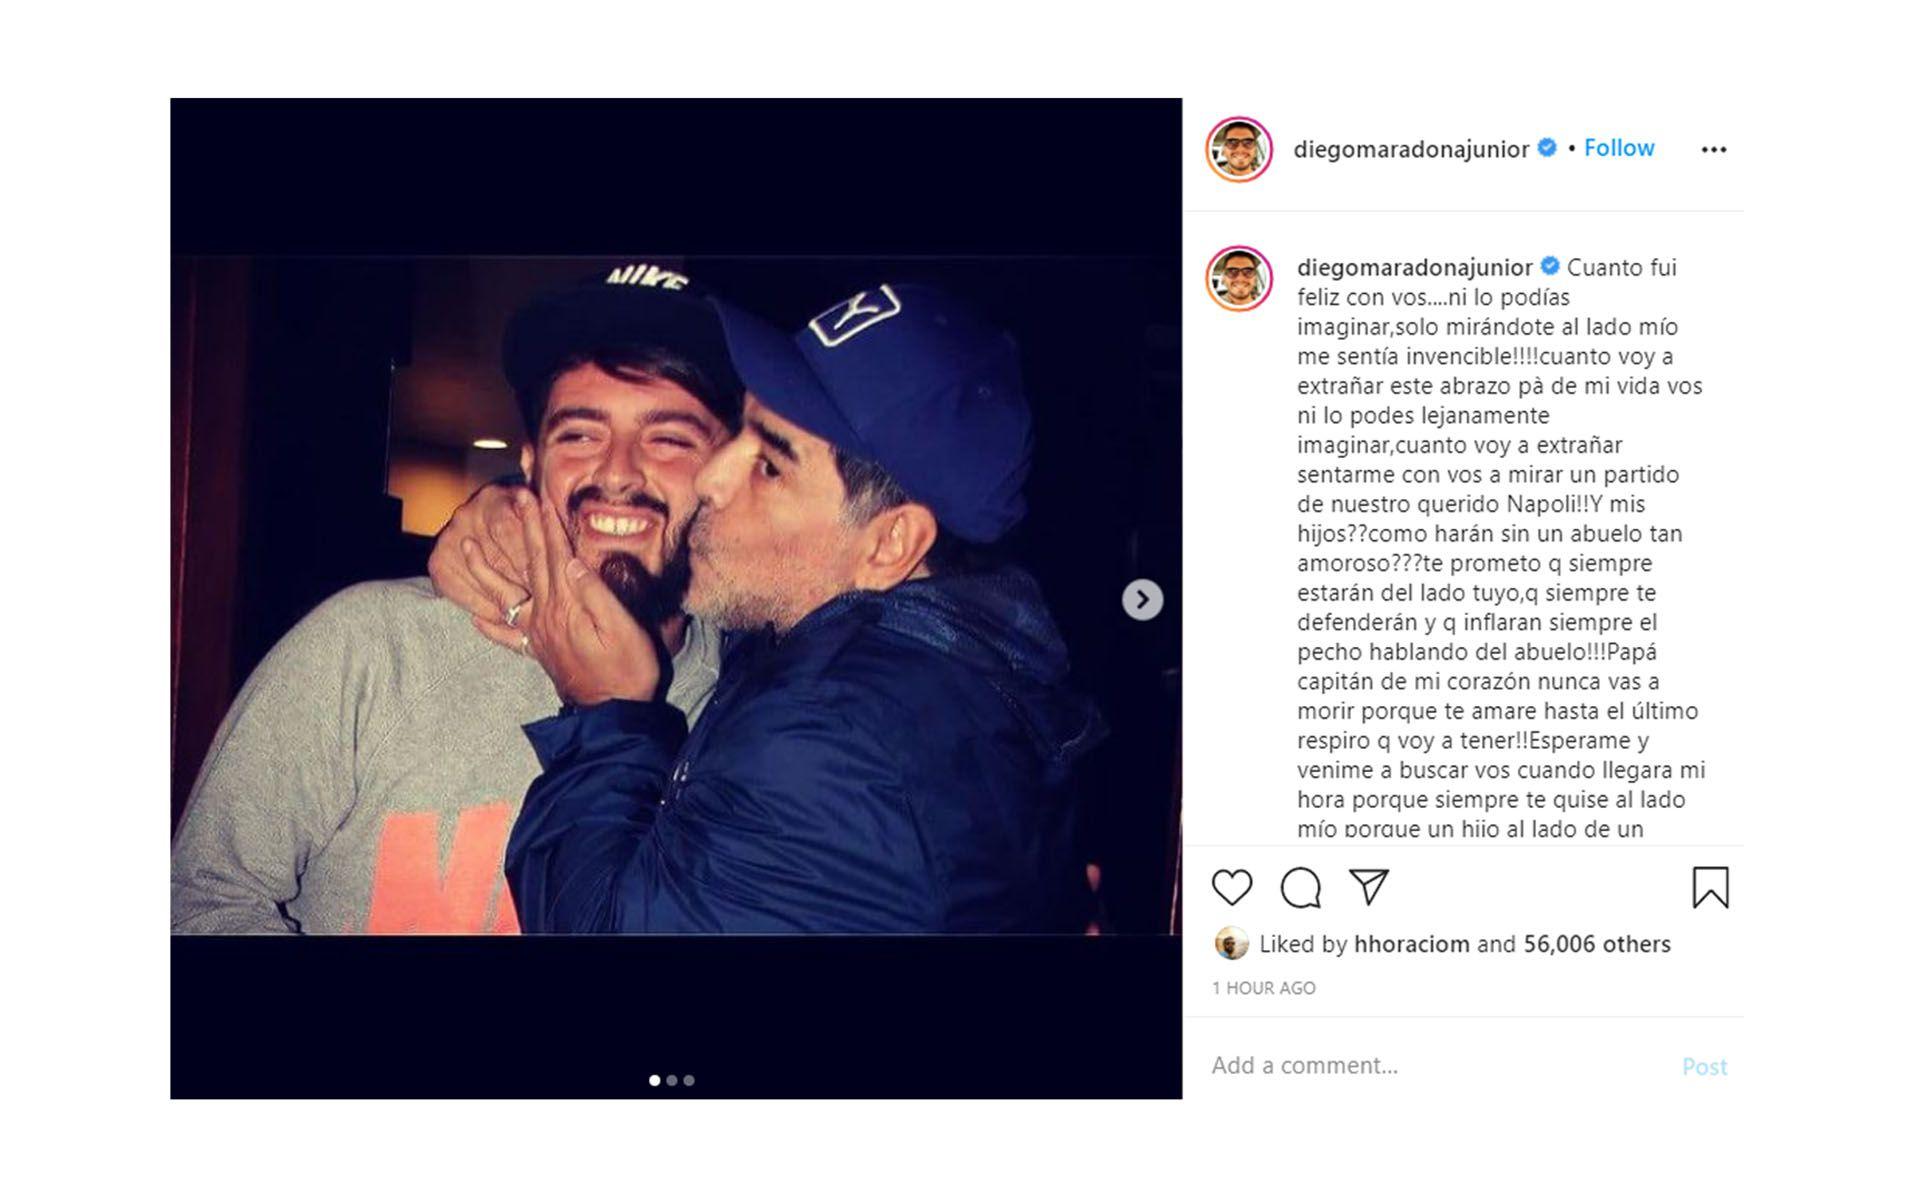 El posteo de Diego Maradona Jr a su padre